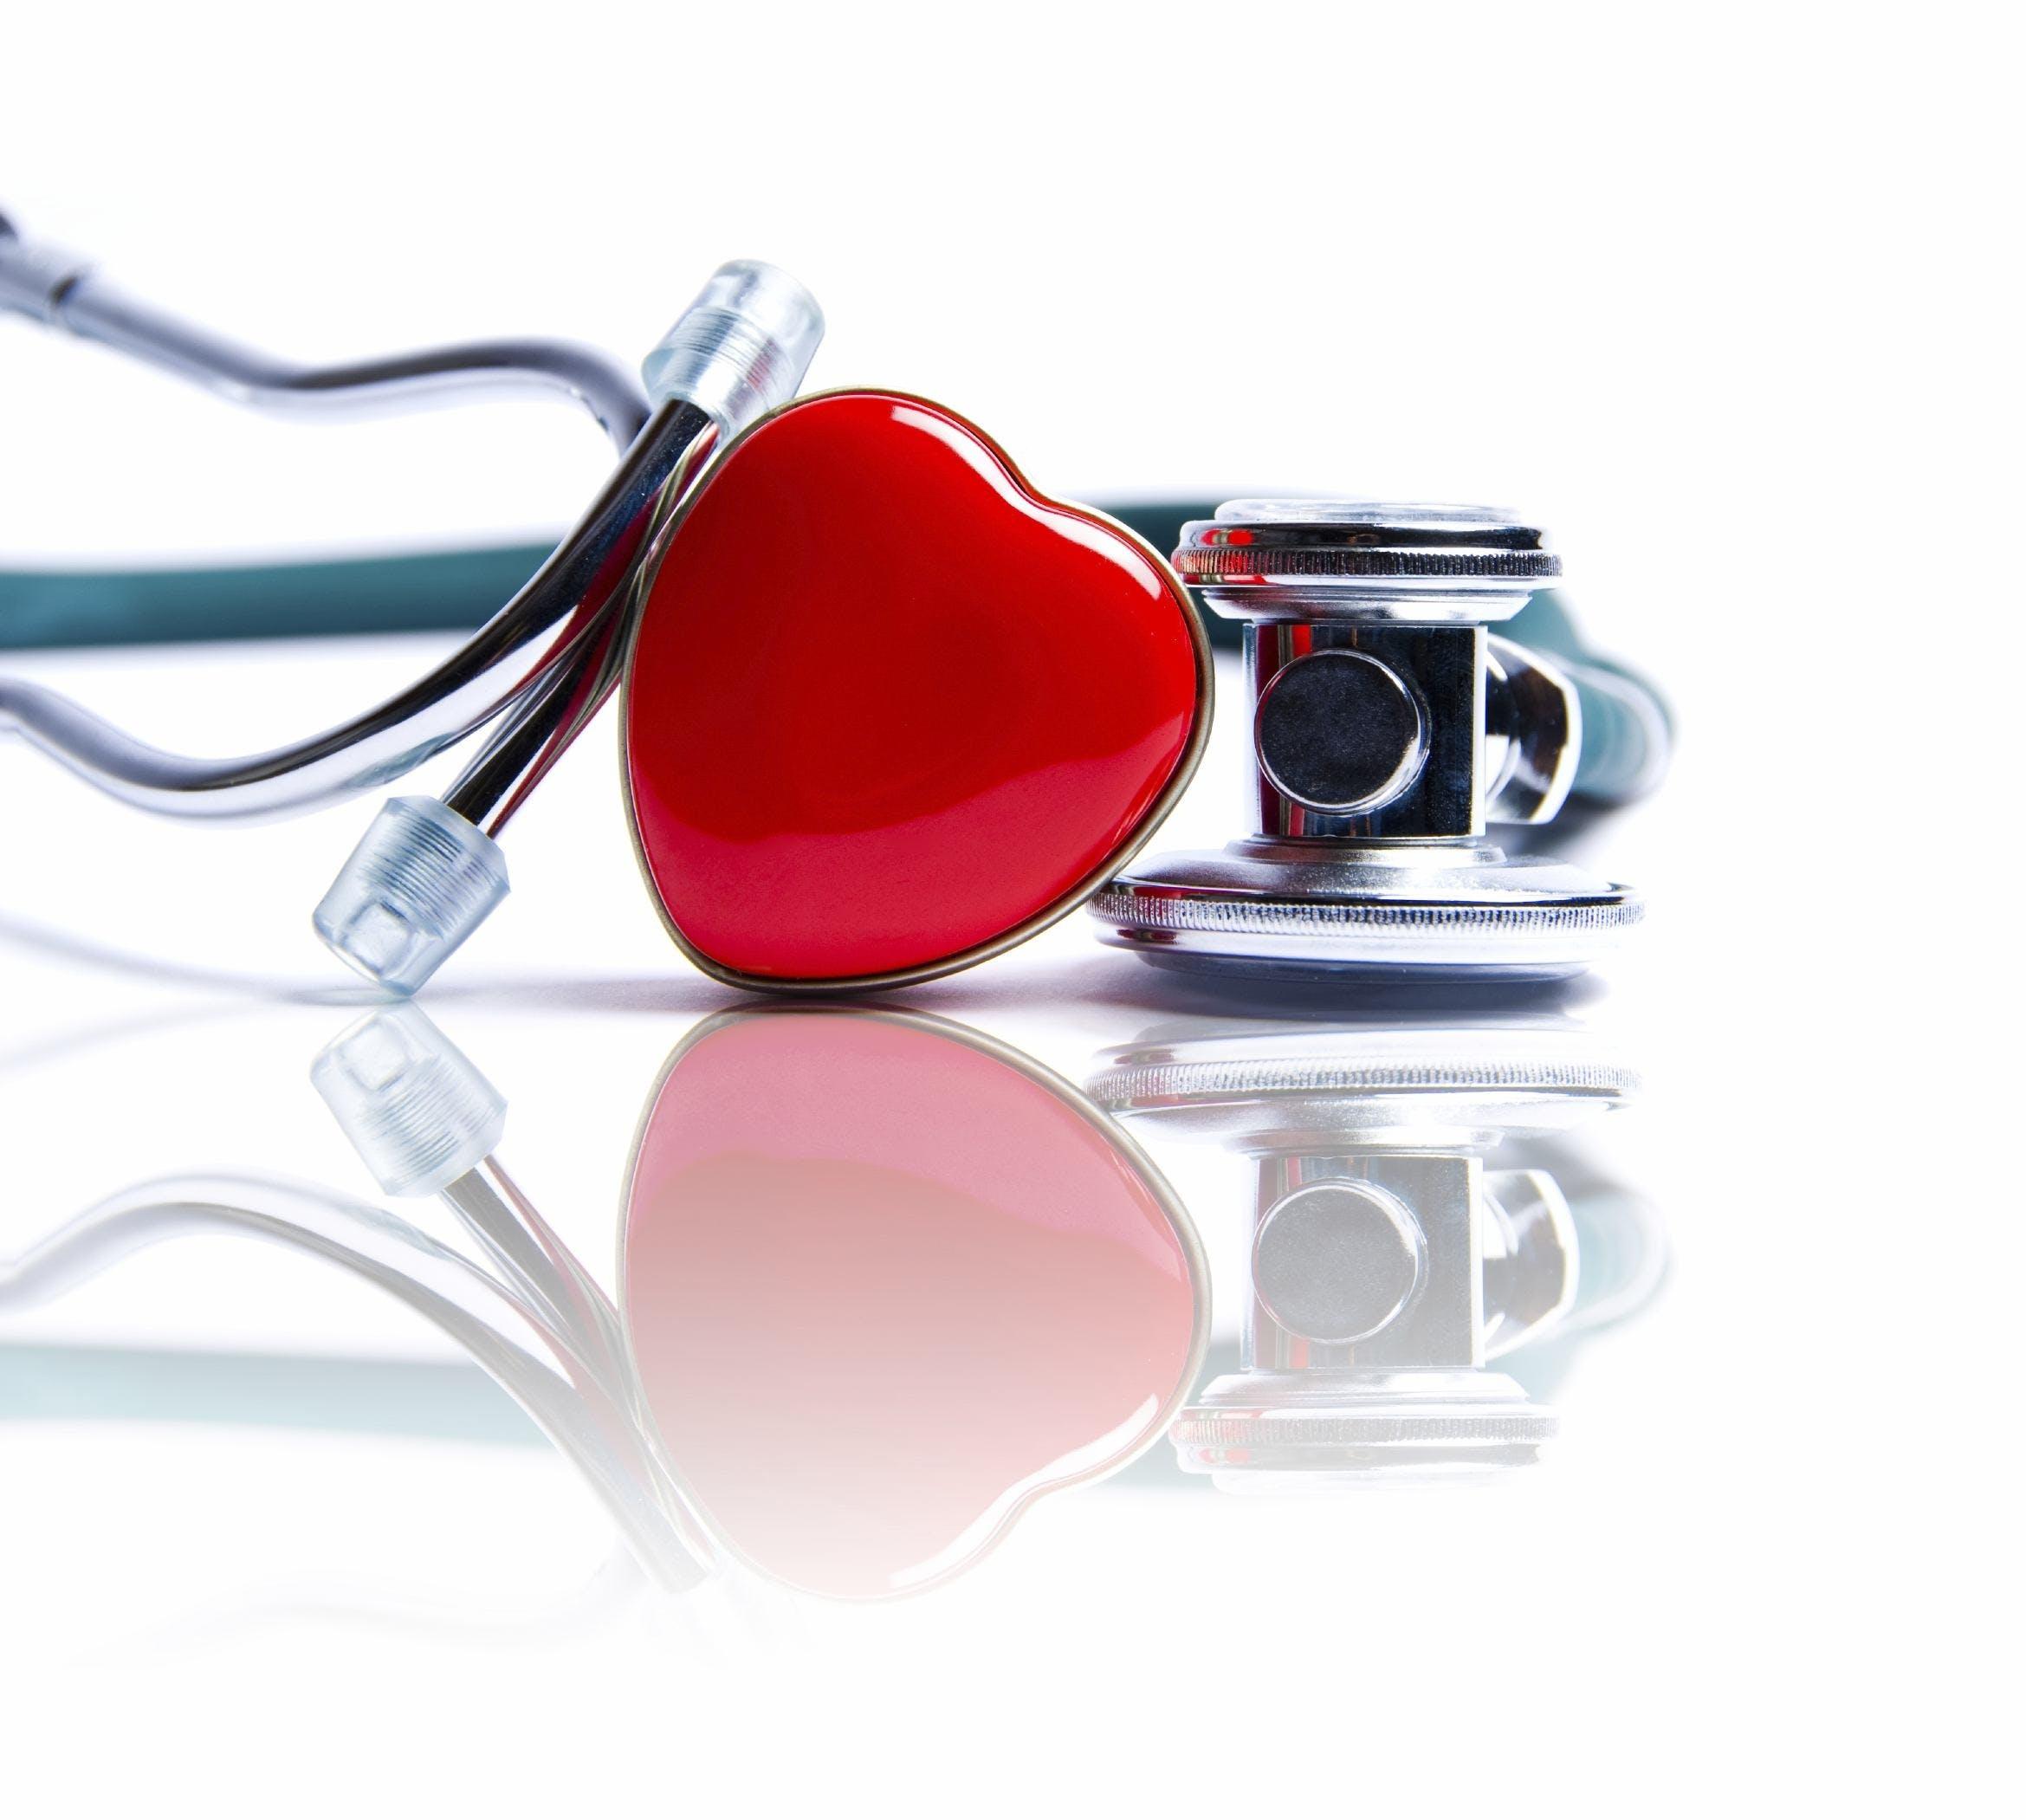 คลังภาพถ่ายฟรี ของ การดูแล, การดูแลสุขภาพ, การบำบัด, การวินิจฉัยโรค